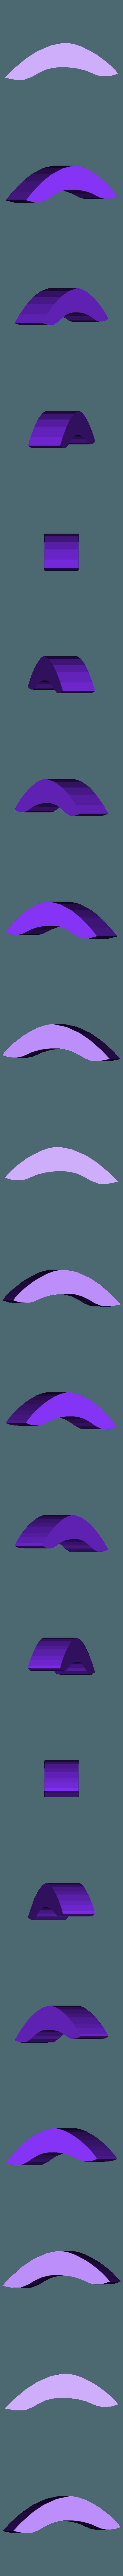 oeufs blanc.stl Télécharger fichier STL gratuit œufs de Pâques multicolore • Modèle pour imprimante 3D, catf3d